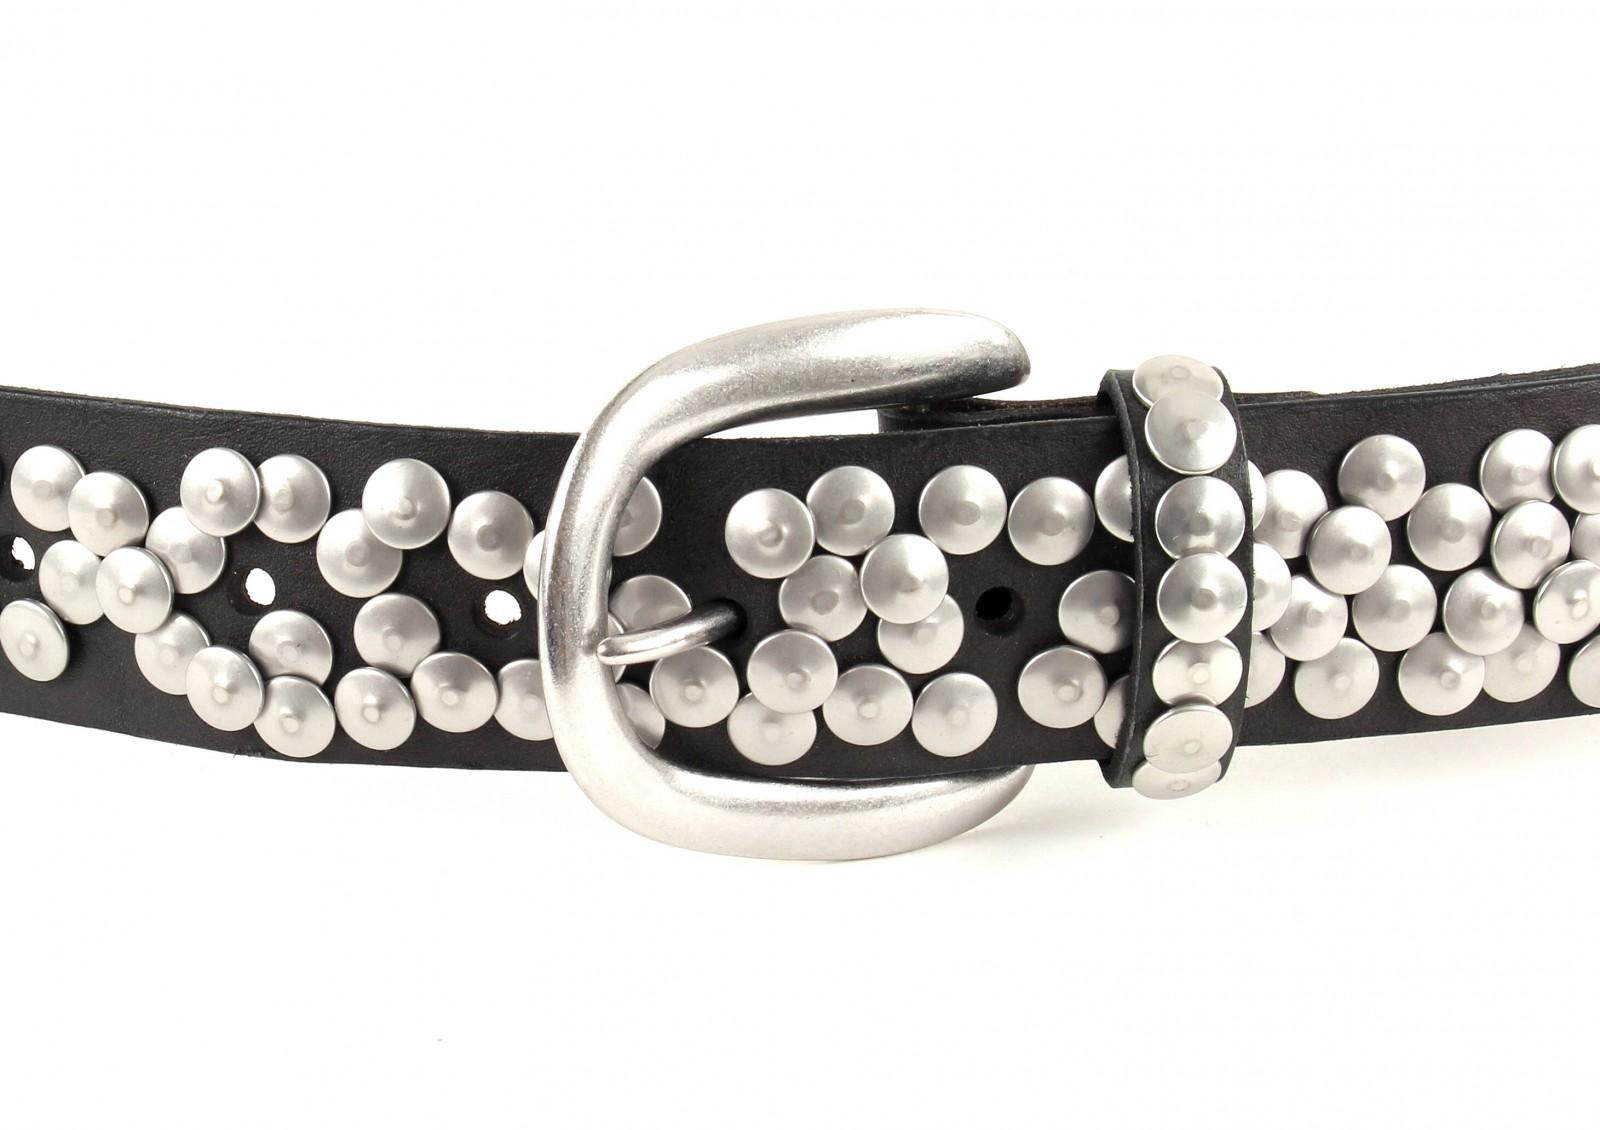 liebeskind berlin belt vintage lkb50 w80 light grey. Black Bedroom Furniture Sets. Home Design Ideas